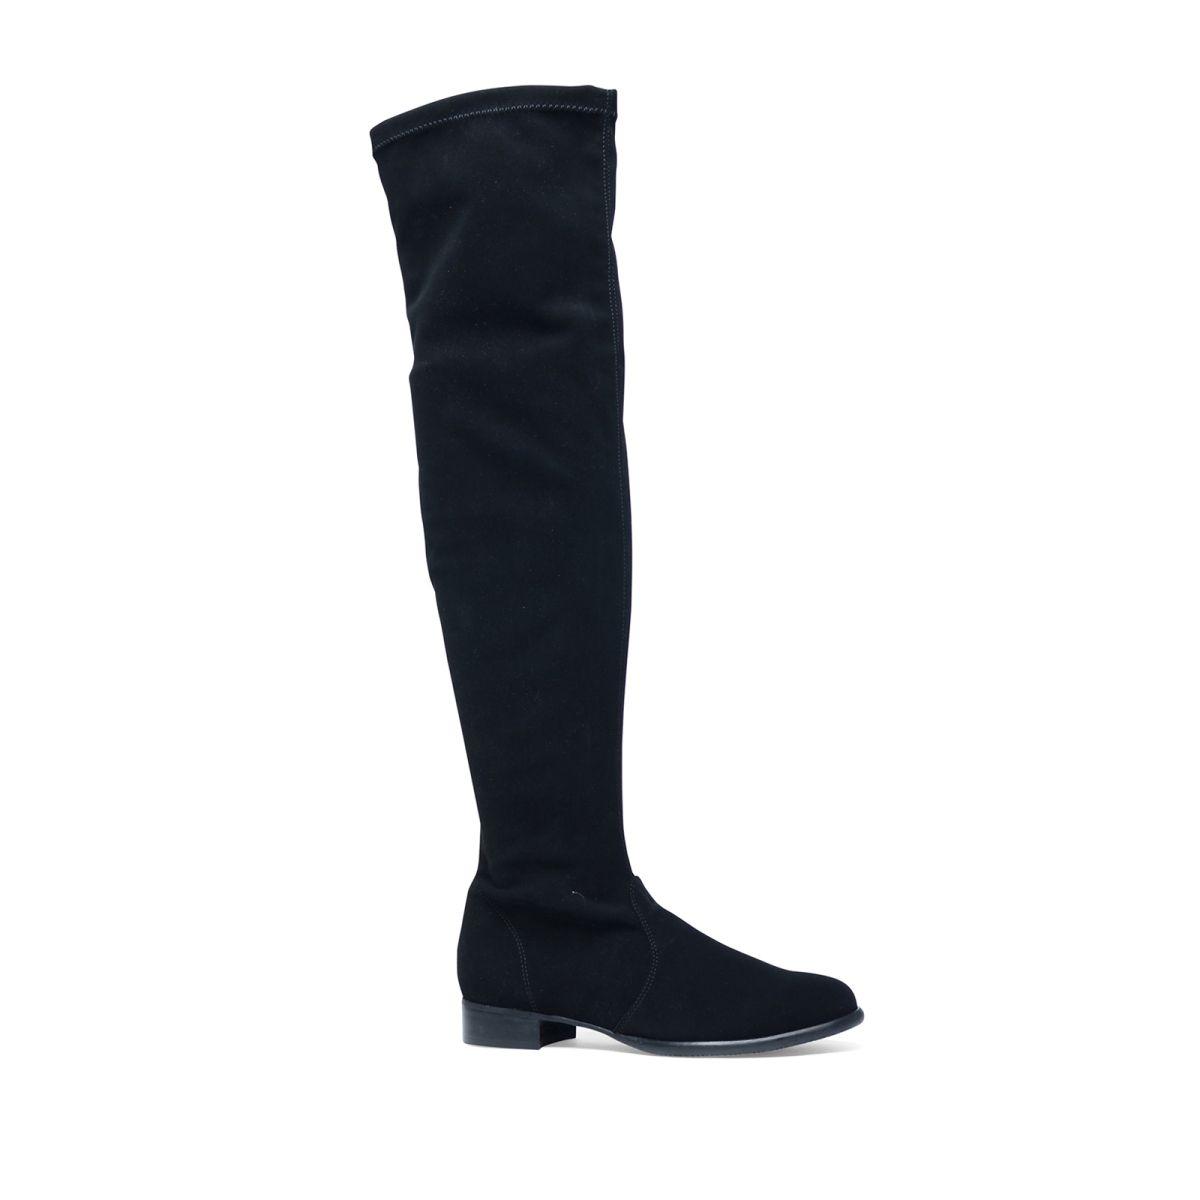 Zwarte overknee laarzen  Description: Zwarte laarzen van het merk Manfield. Deze laarzen zijn gemaakt van een elastische stretchstof waardoor de laars goed aansluit op de kuit. Het materiaal is antistatisch vlek werend en waterafstotend. Aan de binnenzijde van het been zit een rits waardoor u de laars makkelijk aan- en uittrekt. De maat valt normaal en de hakhoogte is 25 cm gemeten vanaf de hiel.  Price: 149.99  Meer informatie  #manfield